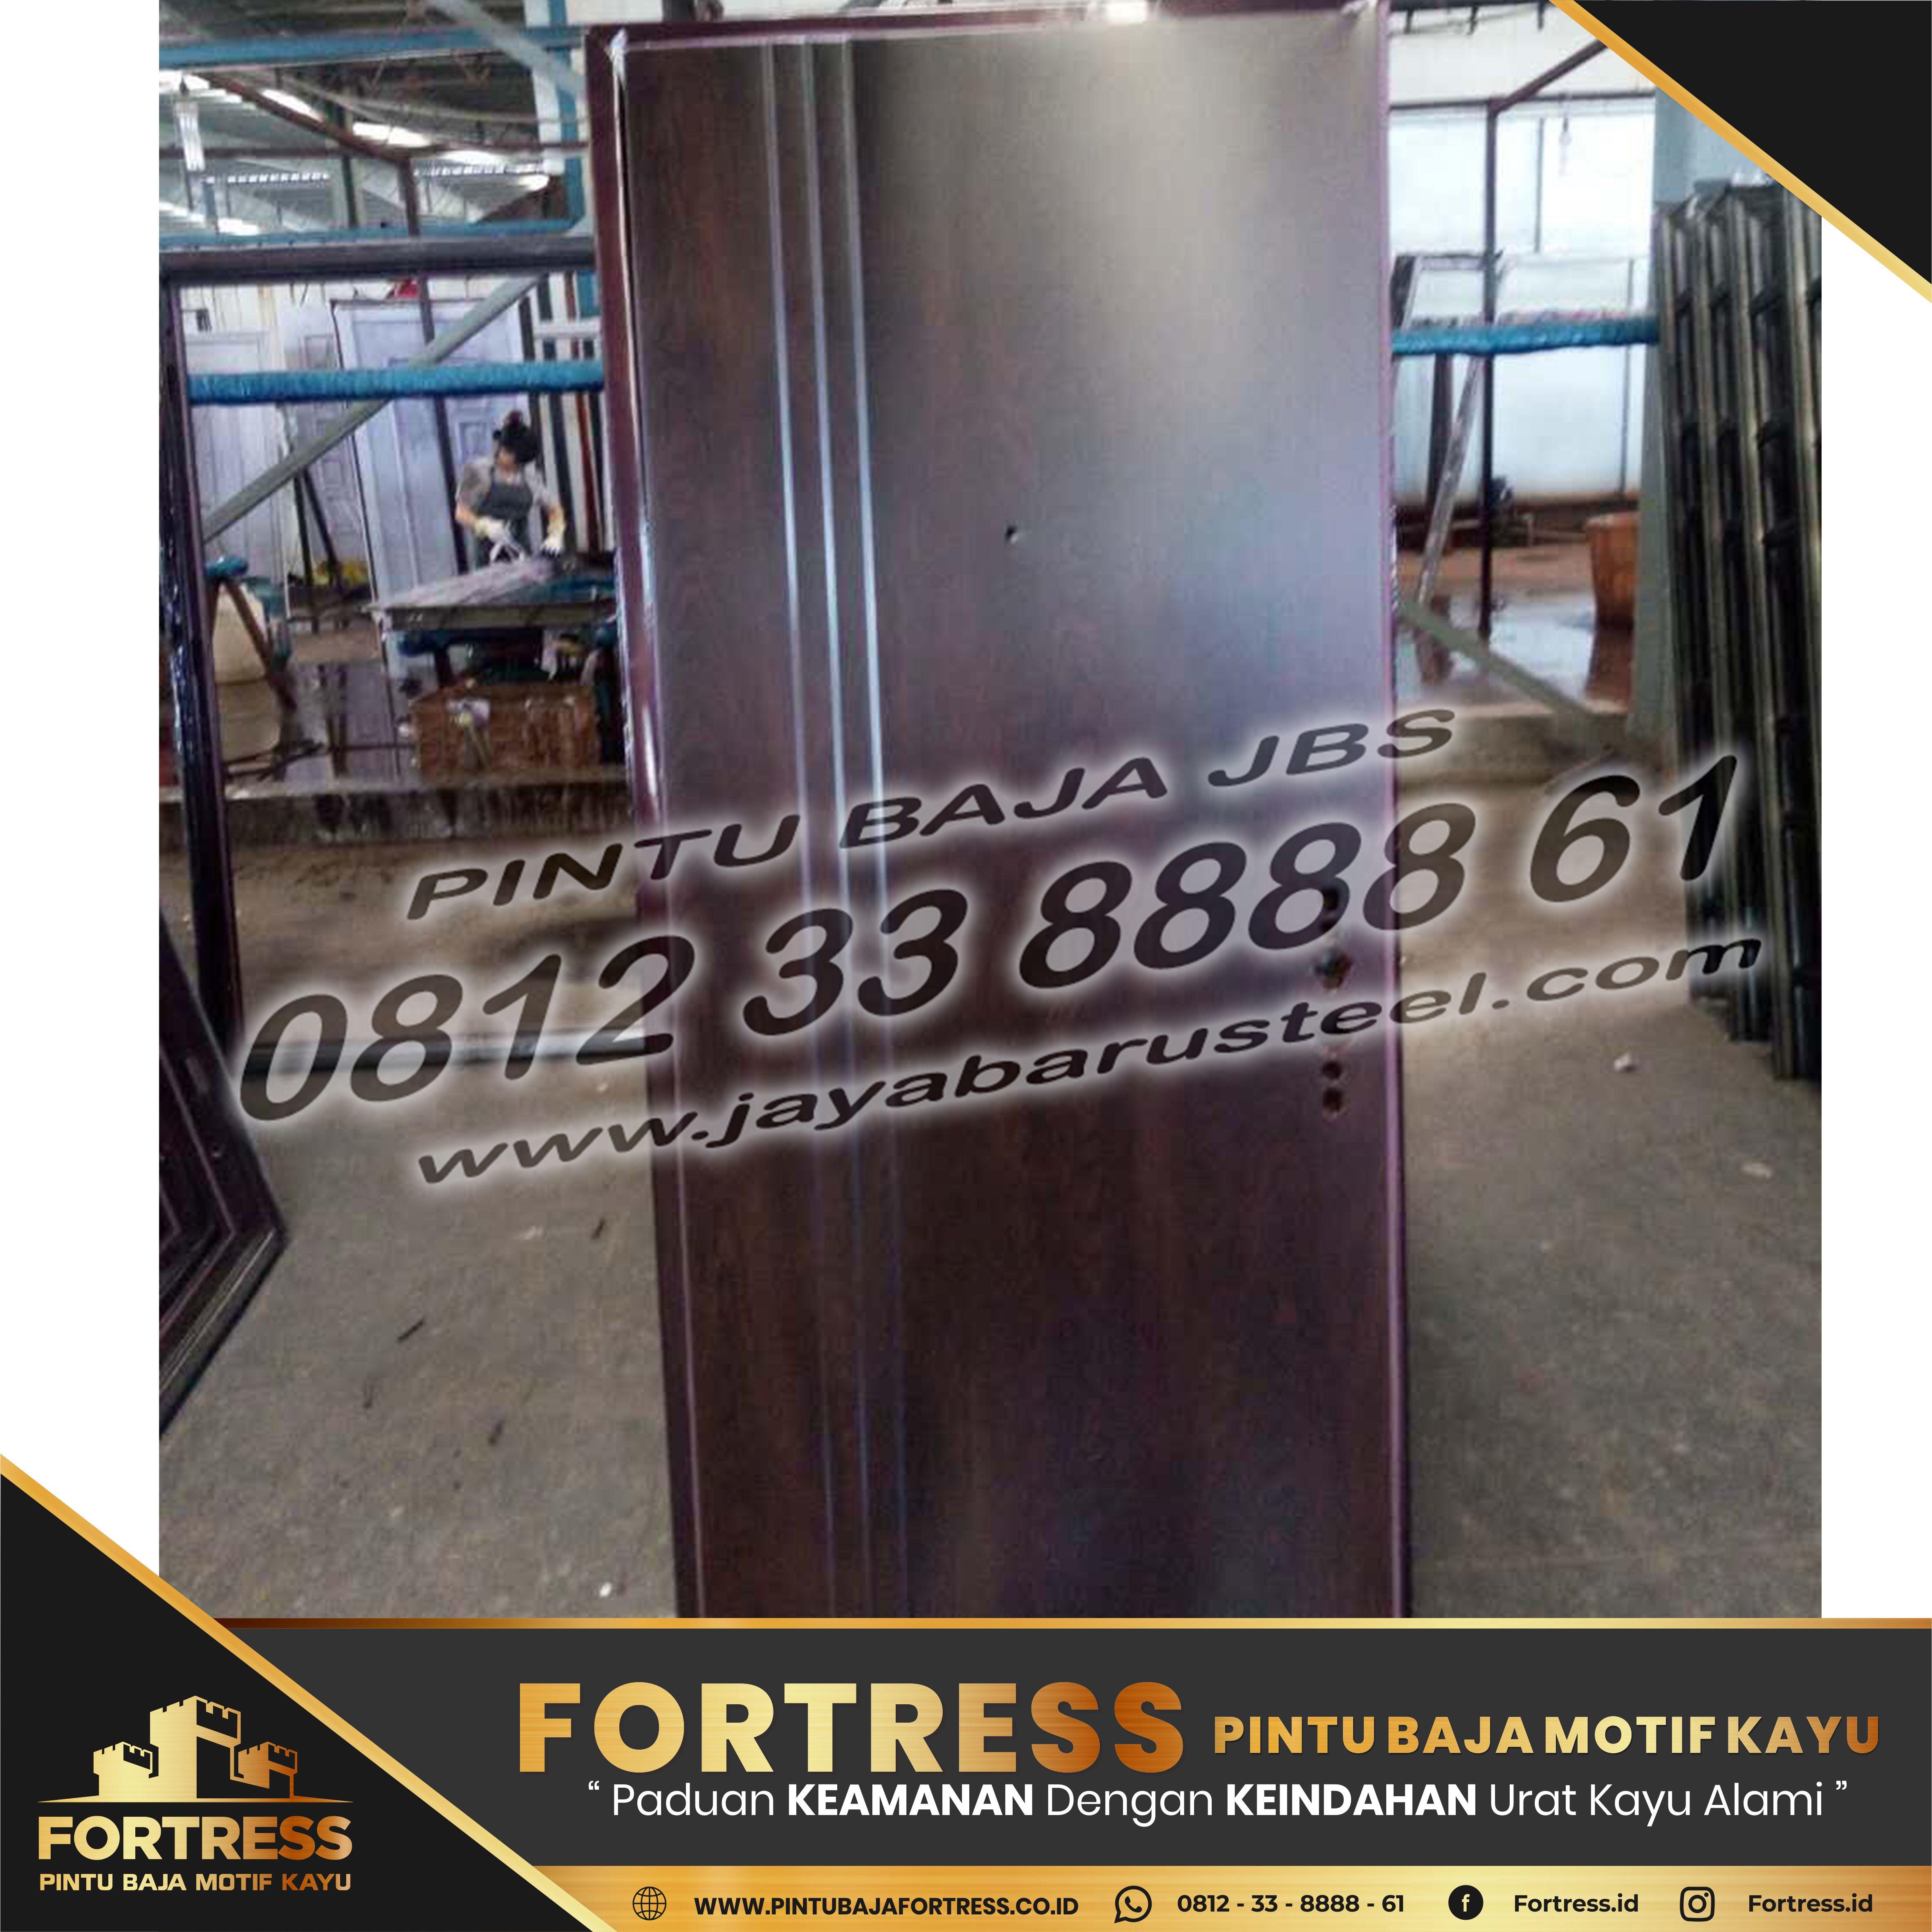 0812-91-6261-07 (FORTRESS) Pontianak Steel Plate Doors, Doors …